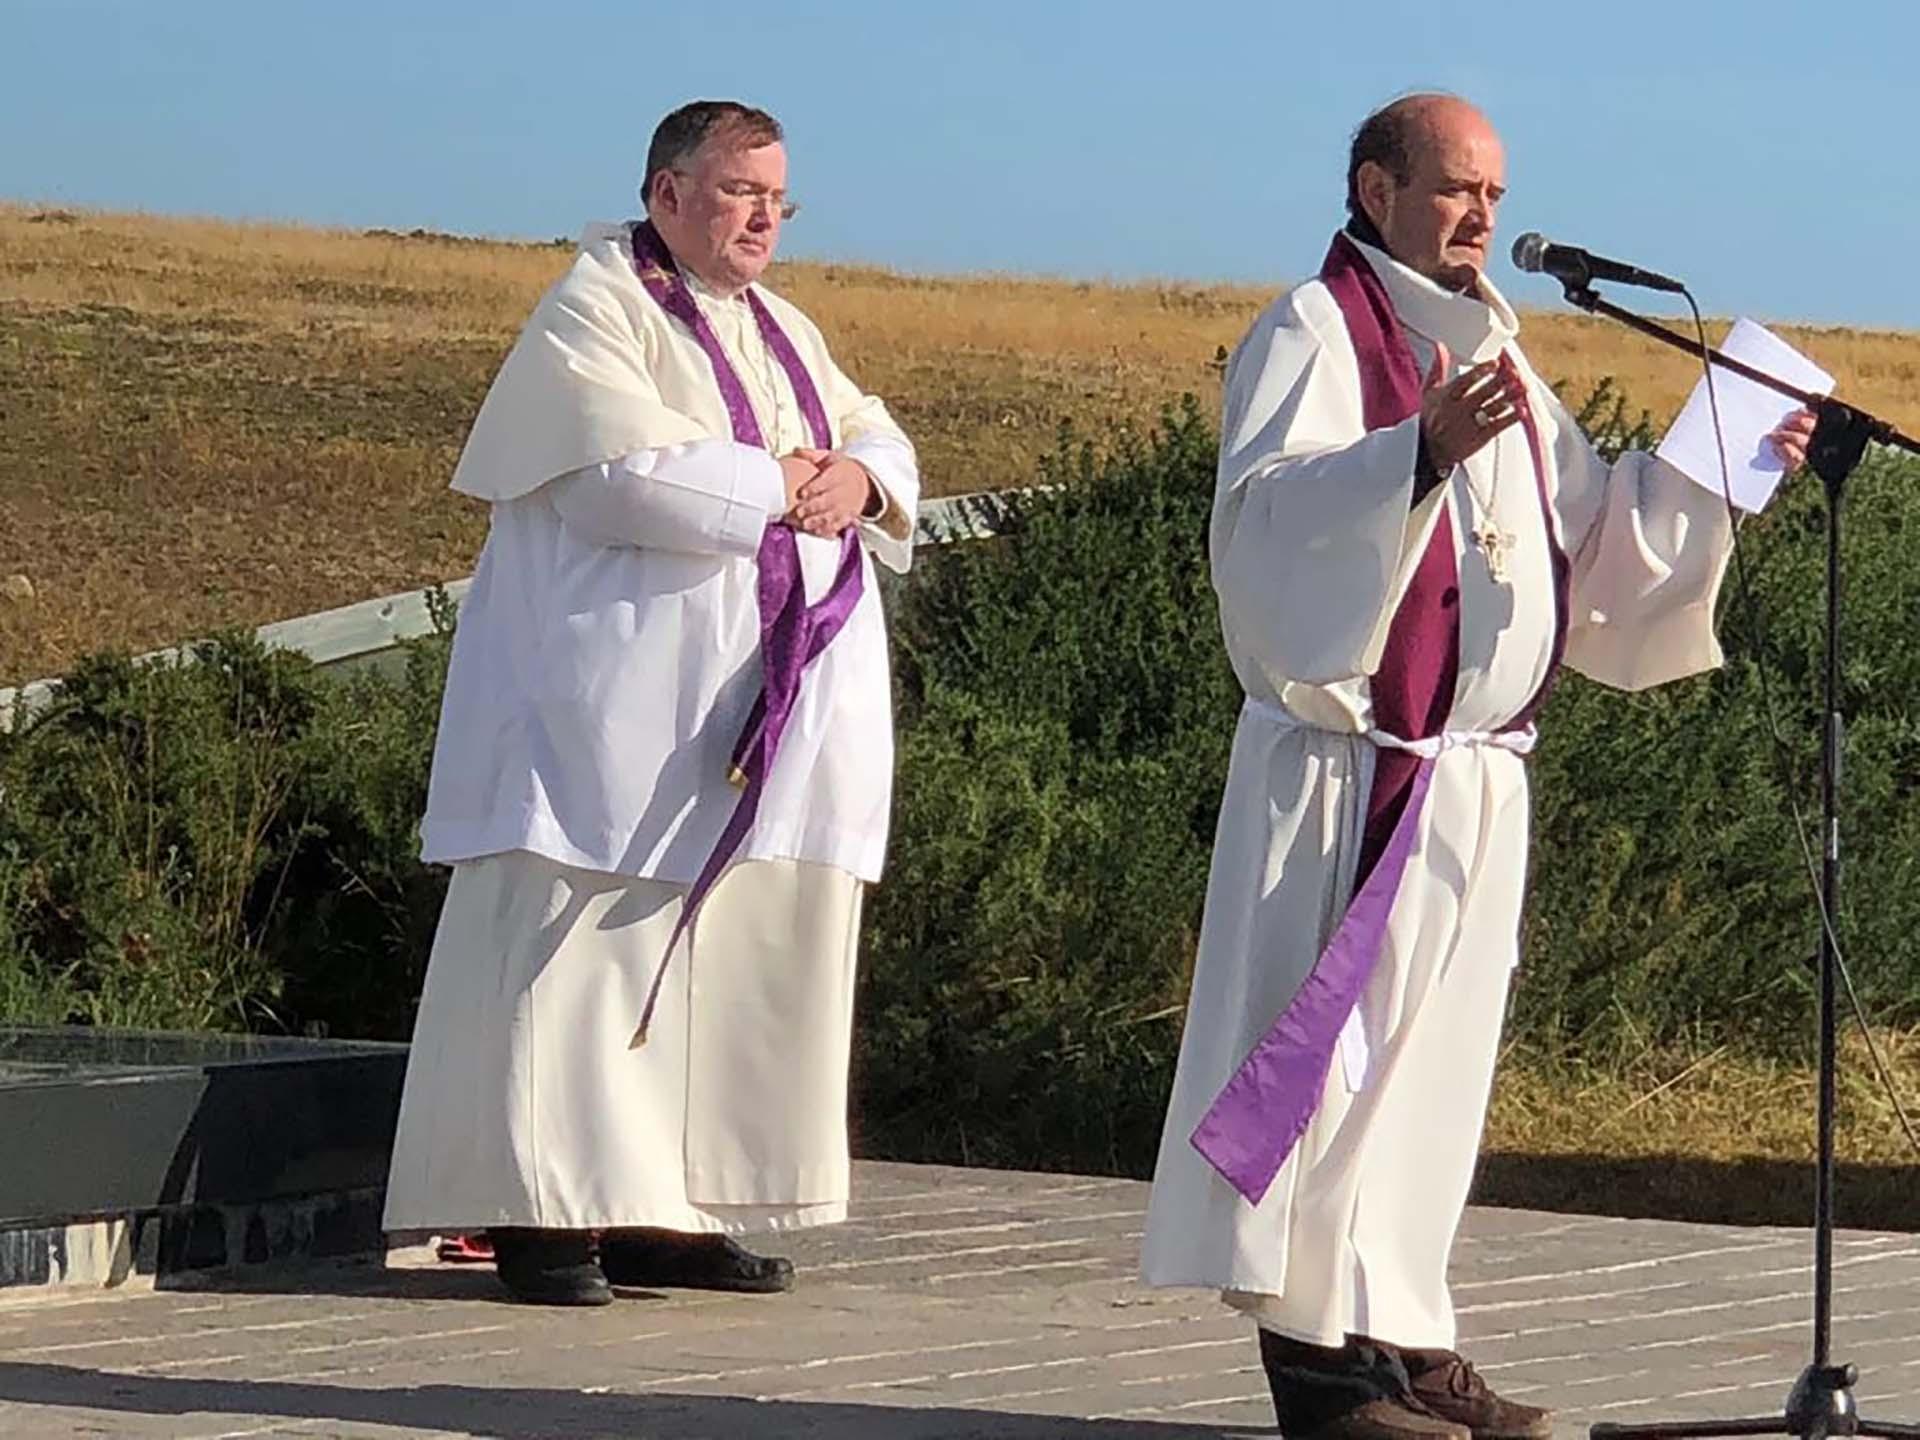 """Monseñor Enrique Eguía Seguí ofició la ceremonia religiosa. Lo acompañaron el padre John Wisdom, el reverendo Mercer y al Abad Hugh. """"Recemos por aquellos que perdieron la vida en el conflicto del Atlántico Sur. Por los 649 militares argentinos, los 255 militares británicos y los tres isleños"""", dijo el obispo auxiliar de la Arquidiócesis de Buenos Aires"""